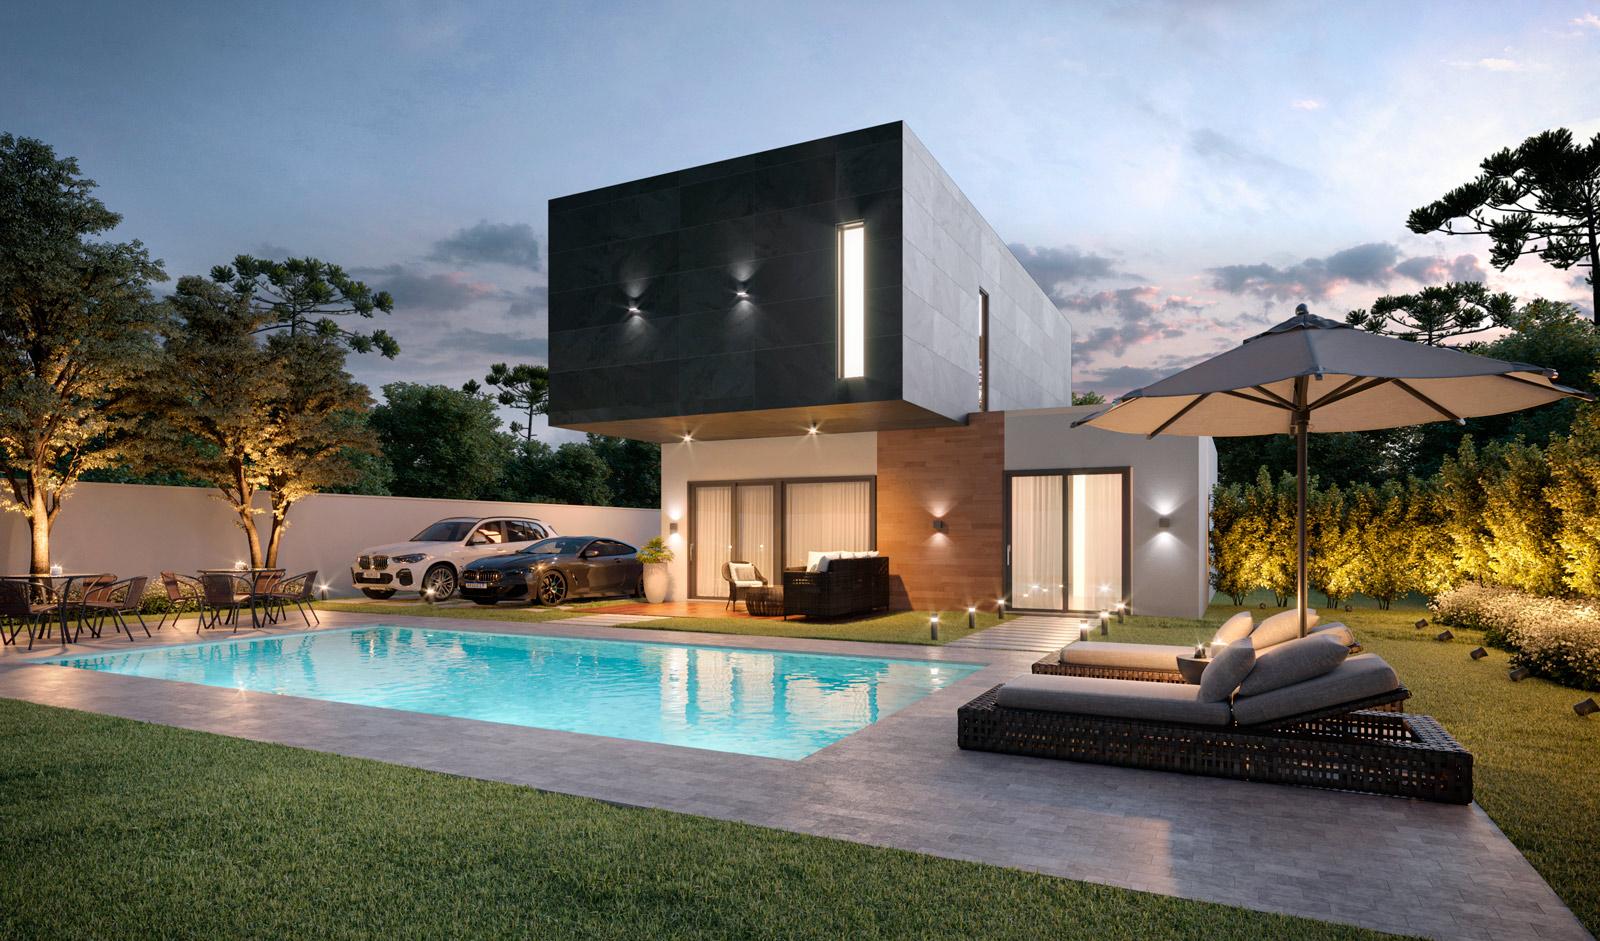 comprar un terreno para construir una casa modular de hormigón